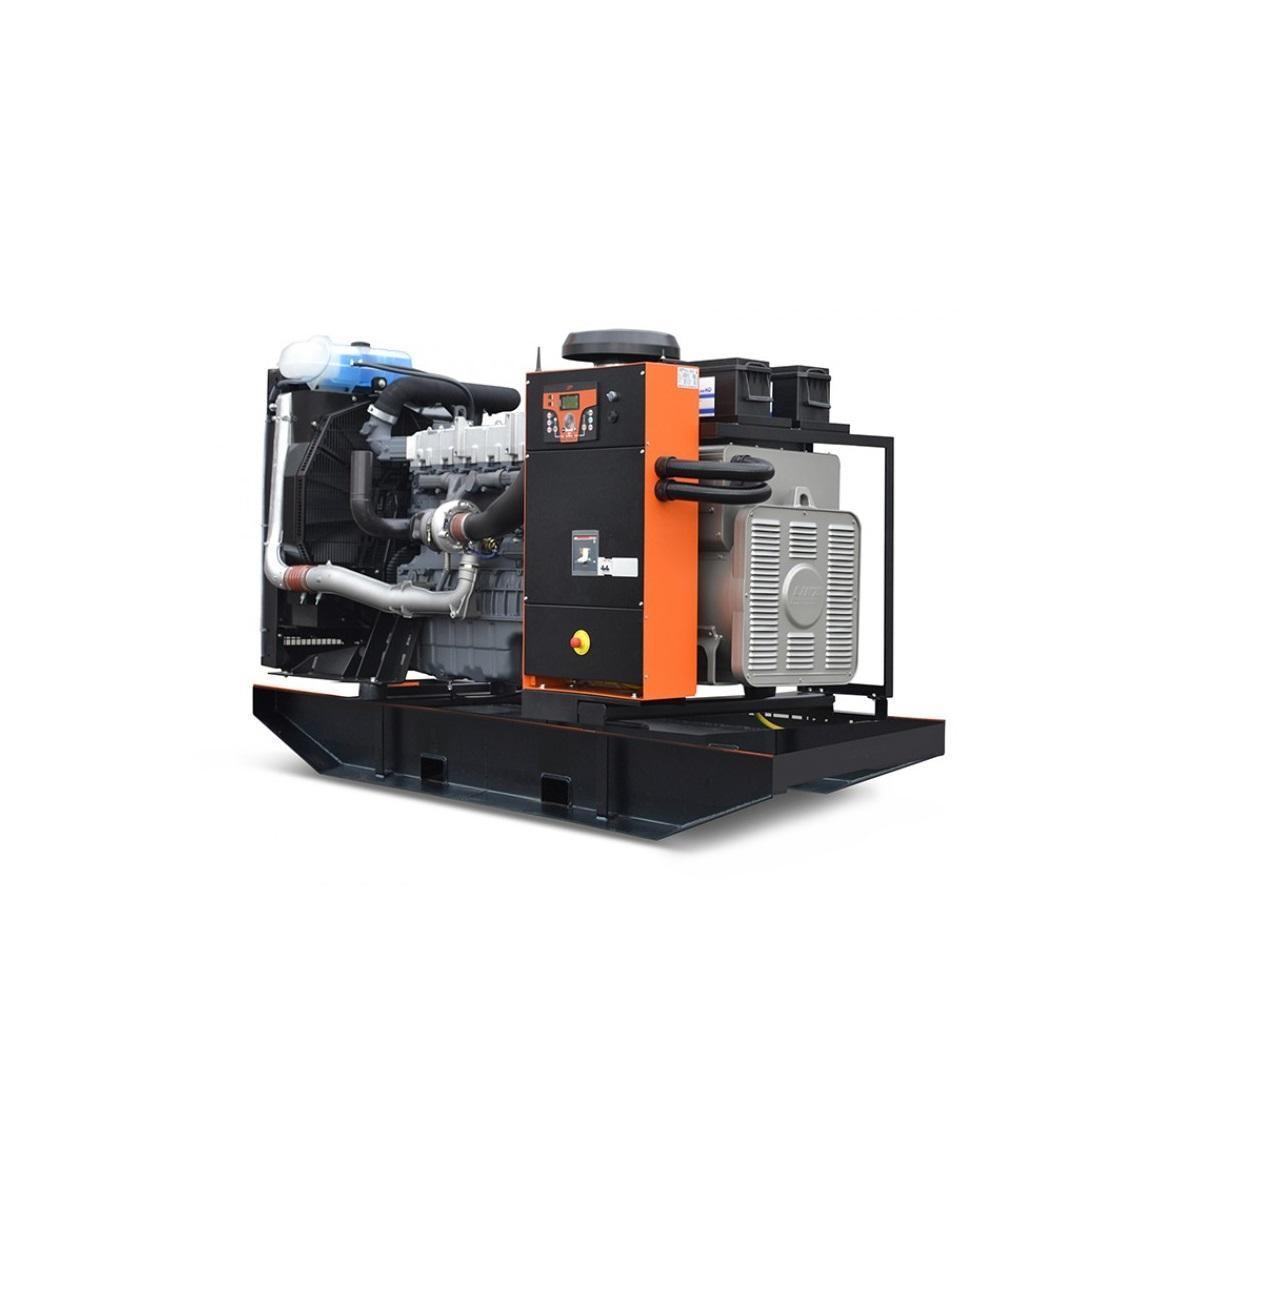 Дизельный генератор (электростанция) RID 1300 E-SERIES